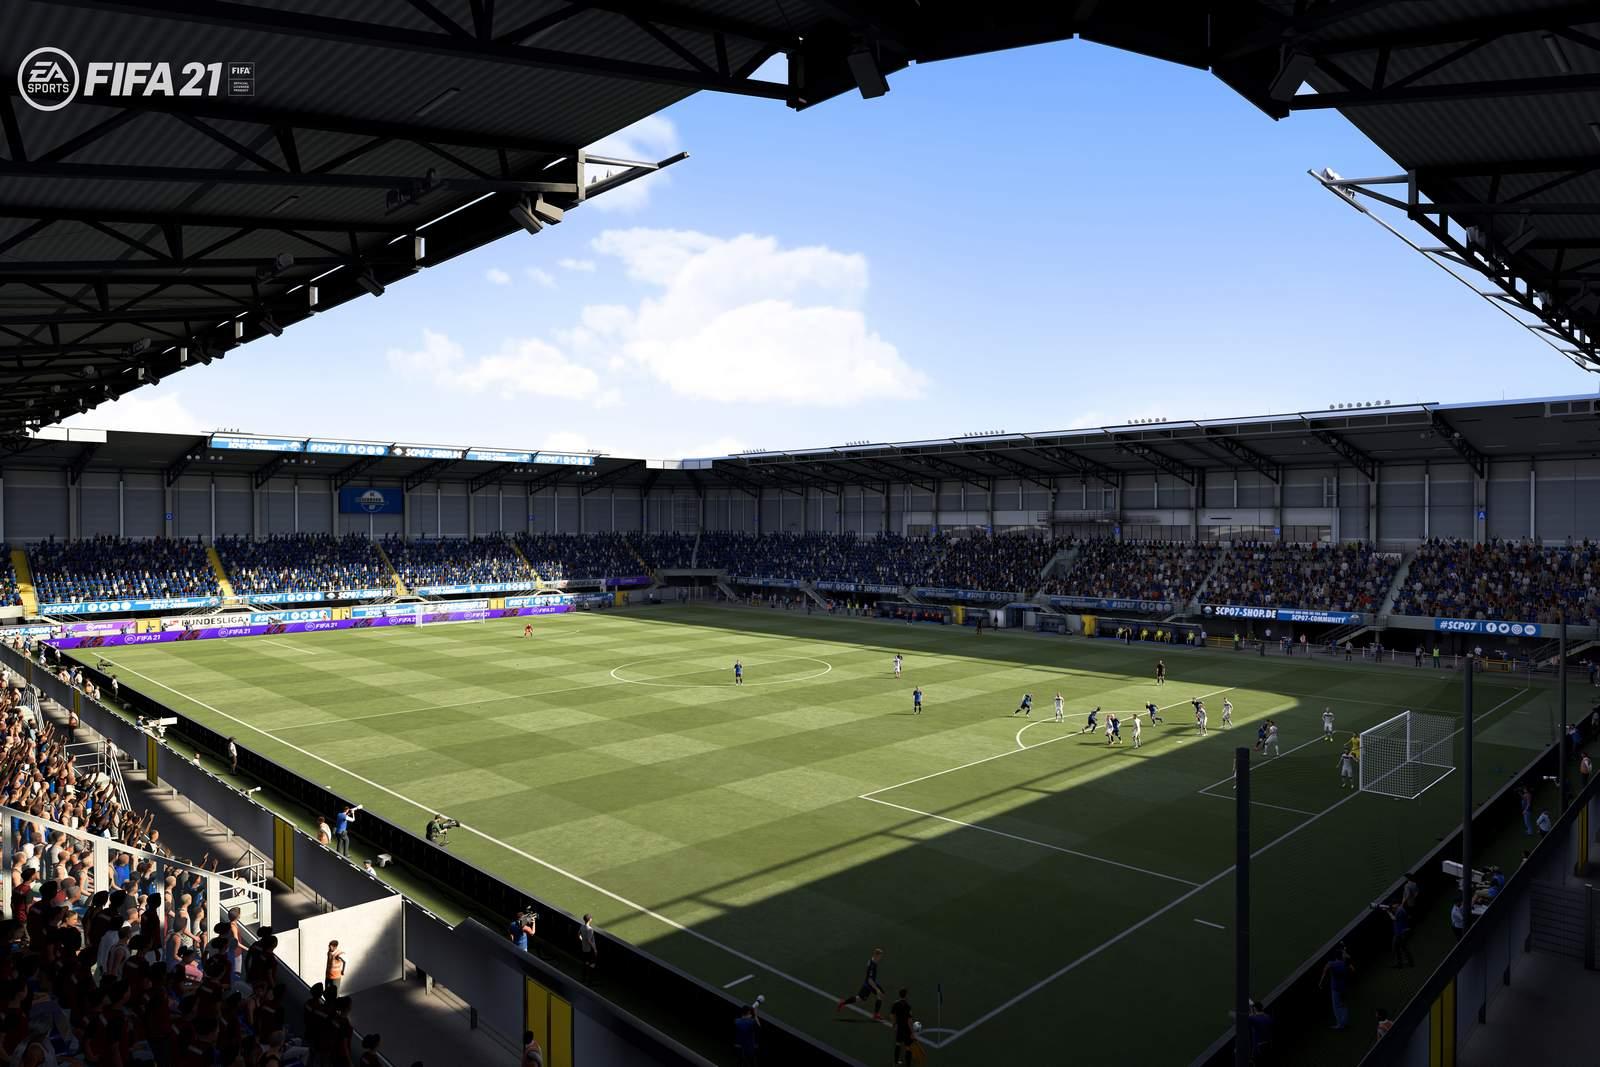 Die Benteler-Arena in FIFA 21.